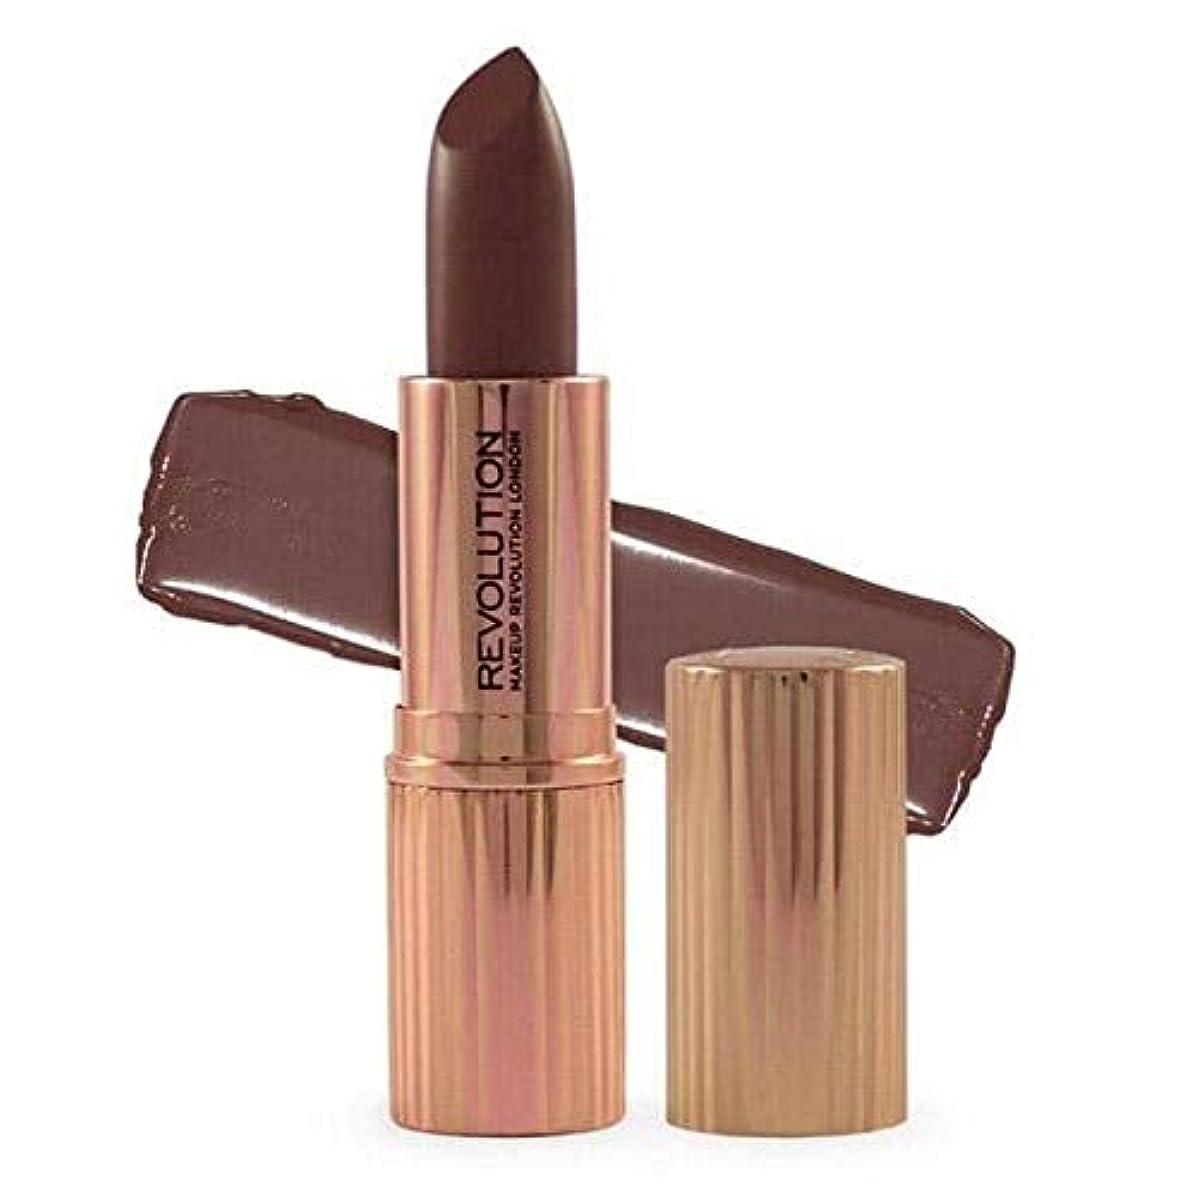 先のことを考える舌な橋[Revolution ] 革命ルネサンス口紅最高級 - Revolution Renaissance Lipstick Finest [並行輸入品]